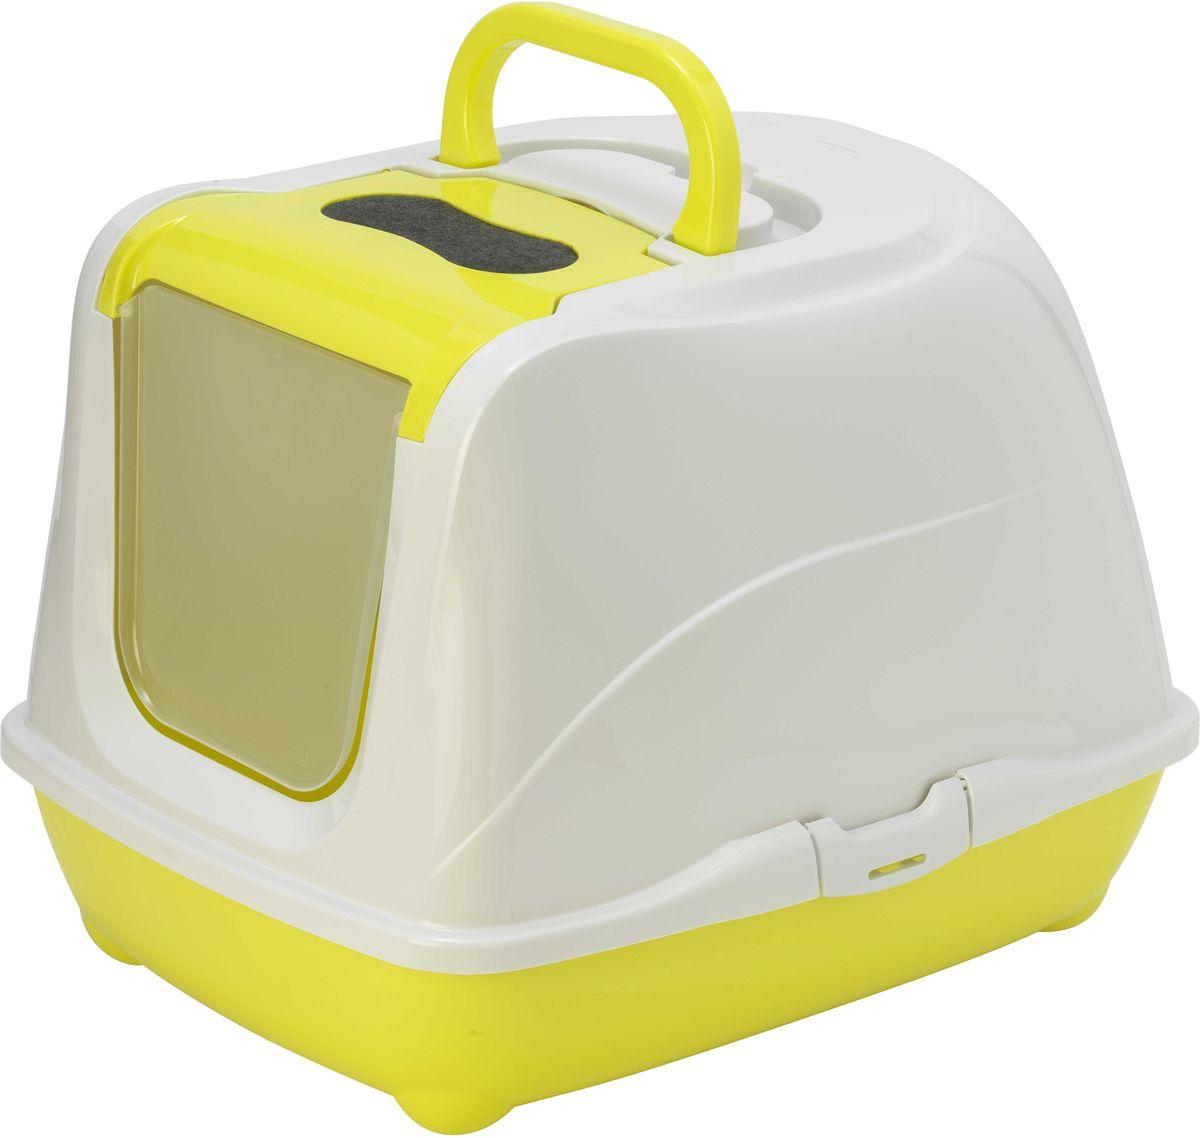 Туалет для больших кошек Moderna Flip Cat, закрытый, цвет: лимон, 58 х 45 х 42 см12171996Закрытый туалет для кошек Flip Cat выполнен из высококачественного пластика. Туалет оснащен прозрачной открывающейся дверцей, сменным фильтром и удобной ручкой для переноски. Такой туалет избавит ваш дом от неприятного запаха и разбросанных повсюду частичек наполнителя. Кошка в таком туалете будет чувствовать себя увереннее, ведь в этом укромном уголке ее никто не увидит. Кроме того, яркий дизайн с легкостью впишется в интерьер вашего дома. Туалет легко открывается для чистки благодаря практичным защелкам по бокам.